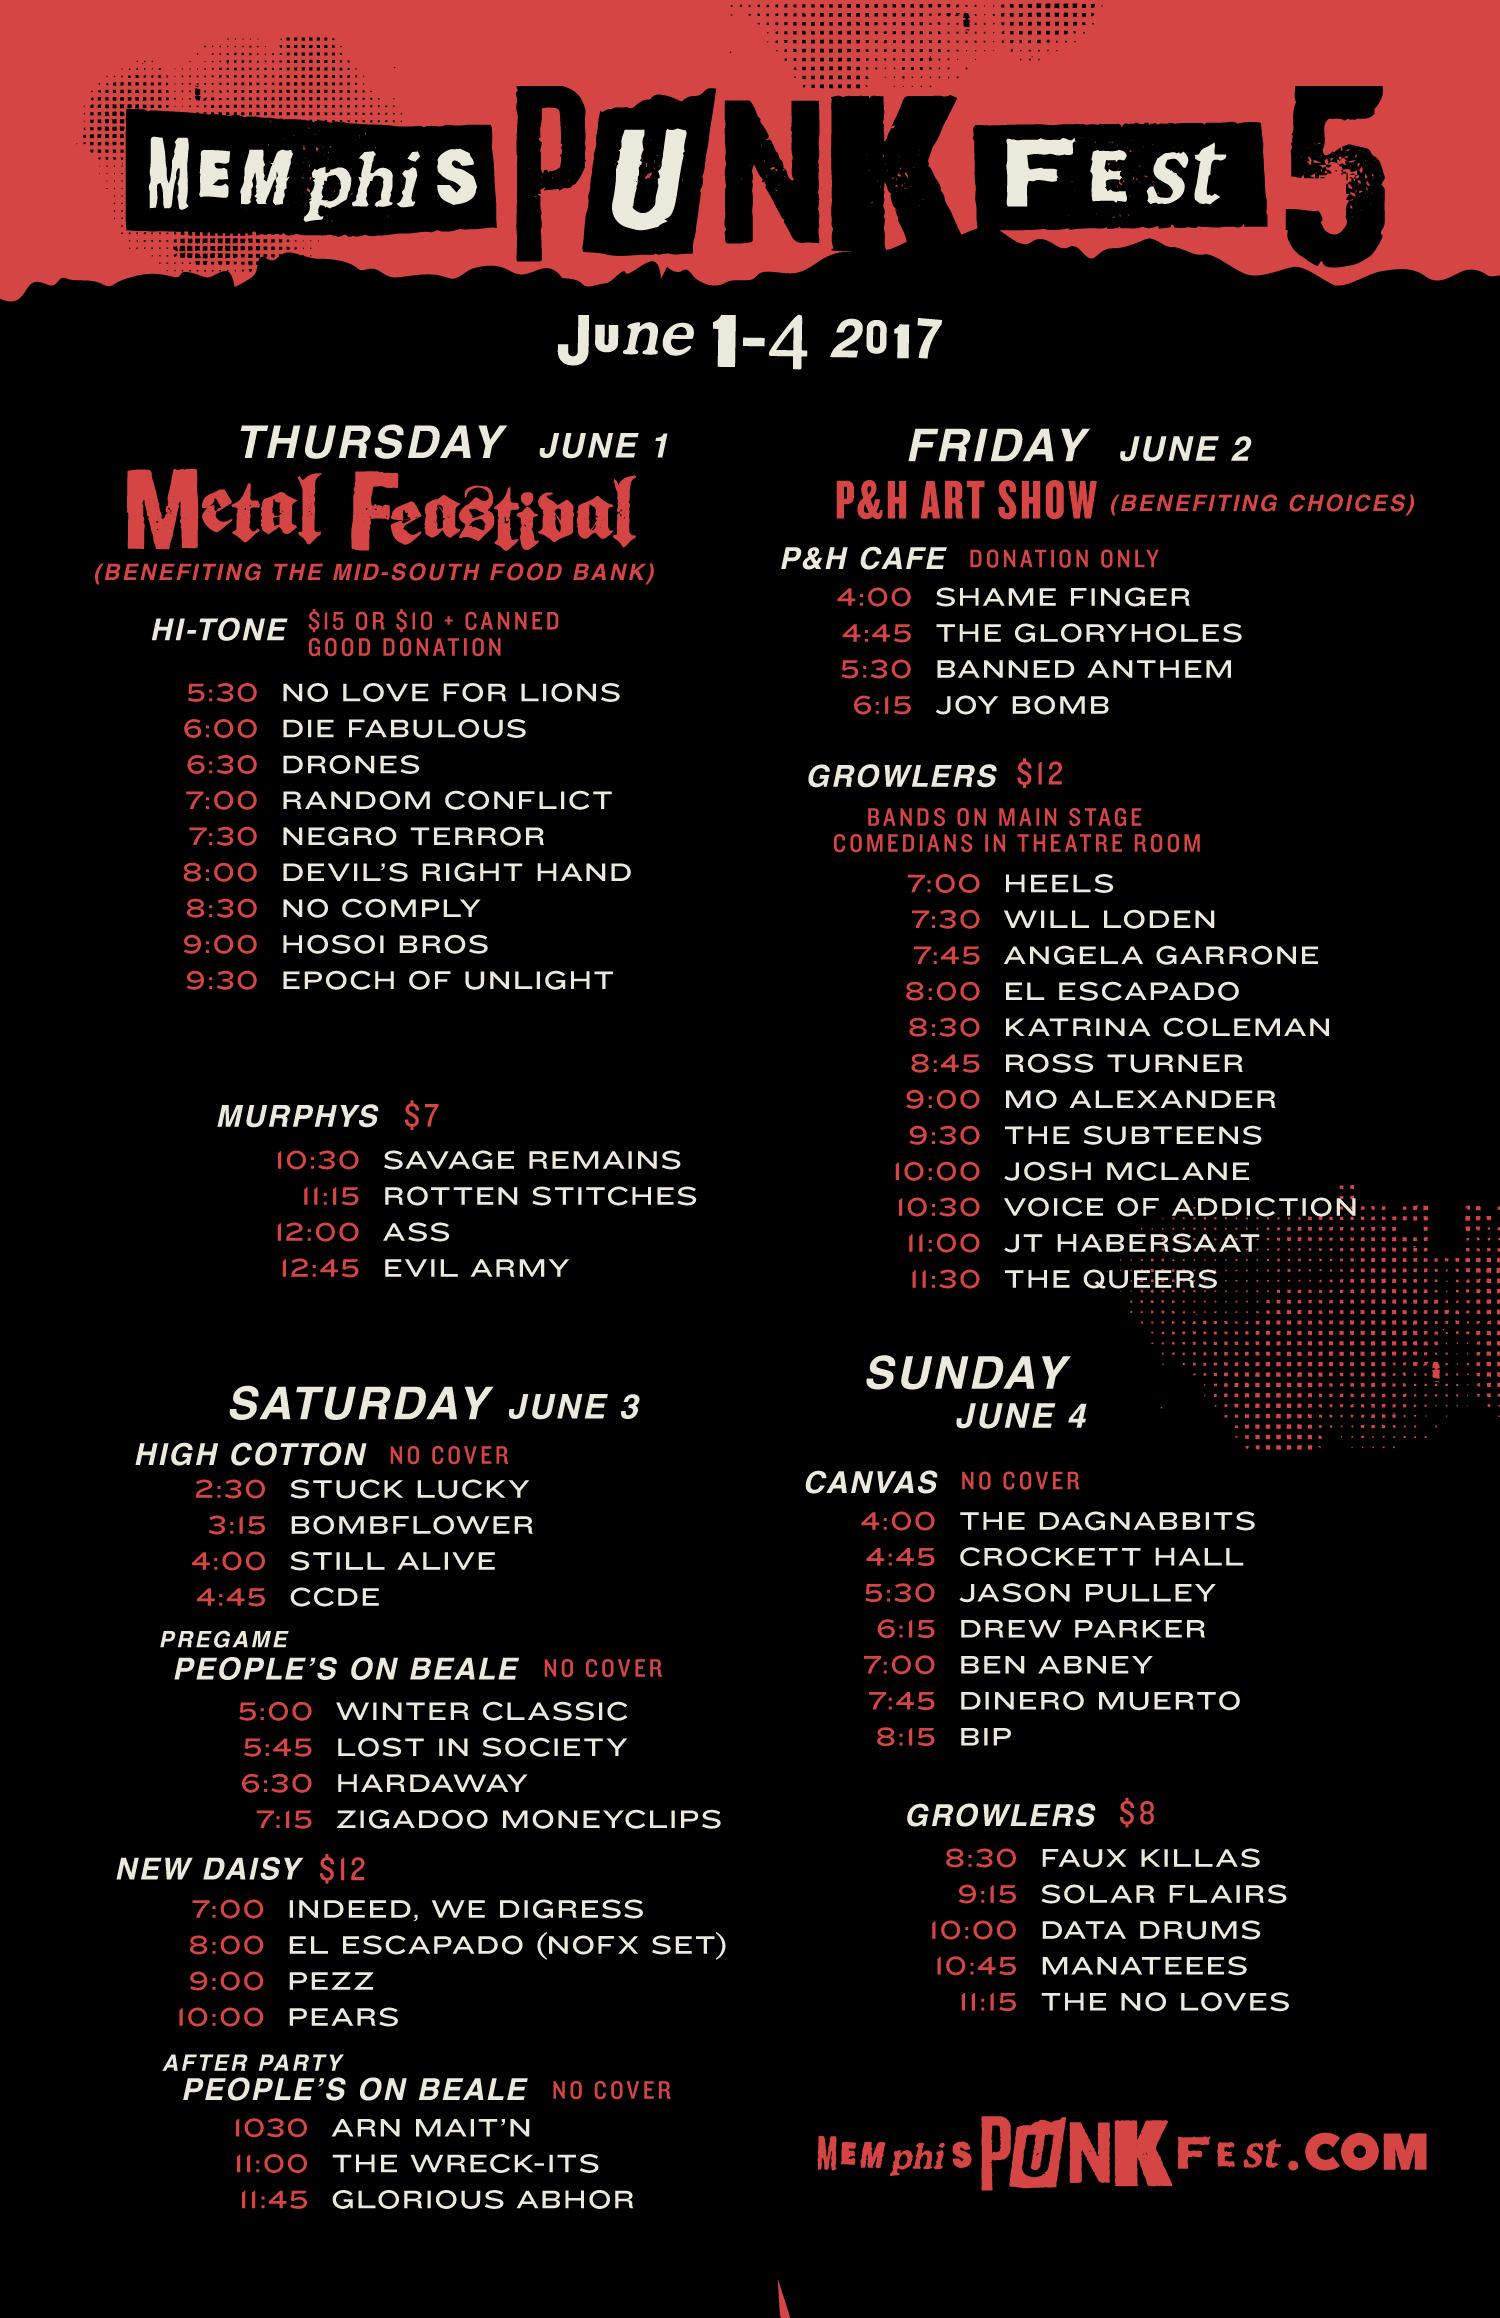 memphis-punk-fest-schedule-poster.png